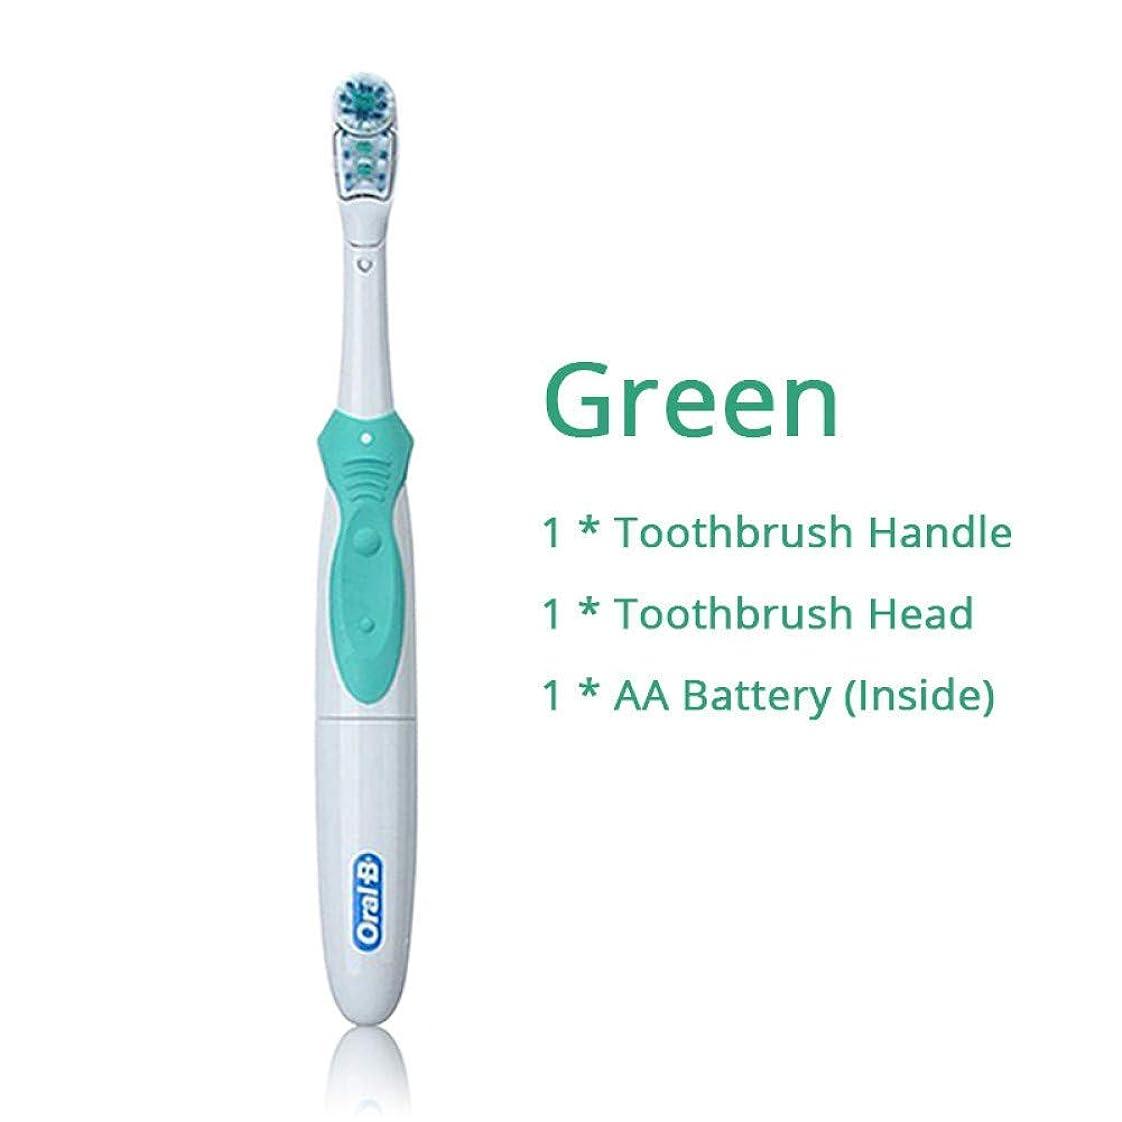 元のエチケット哲学オーラルアクション電動歯ブラシ2余分な交換ブラシヘッドデュアルクリーンAaバッテリー歯ブラシヘッド、グリーン